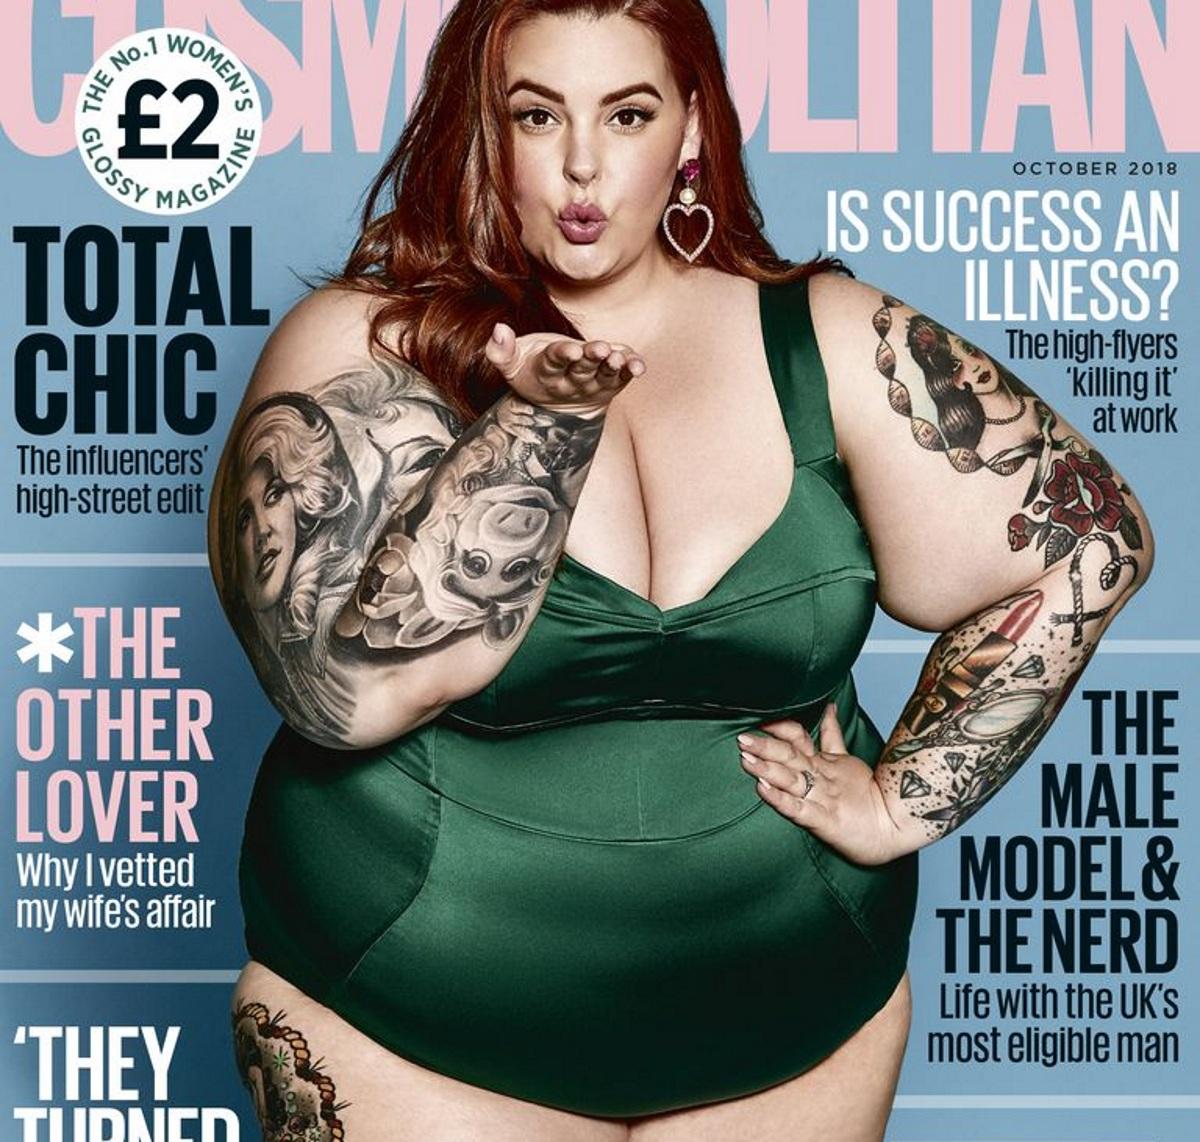 Το… βασιλικό εξώφυλλο της Tess Holliday στο βρετανικό Cosmopolitan και οι αντιδράσεις! | tlife.gr